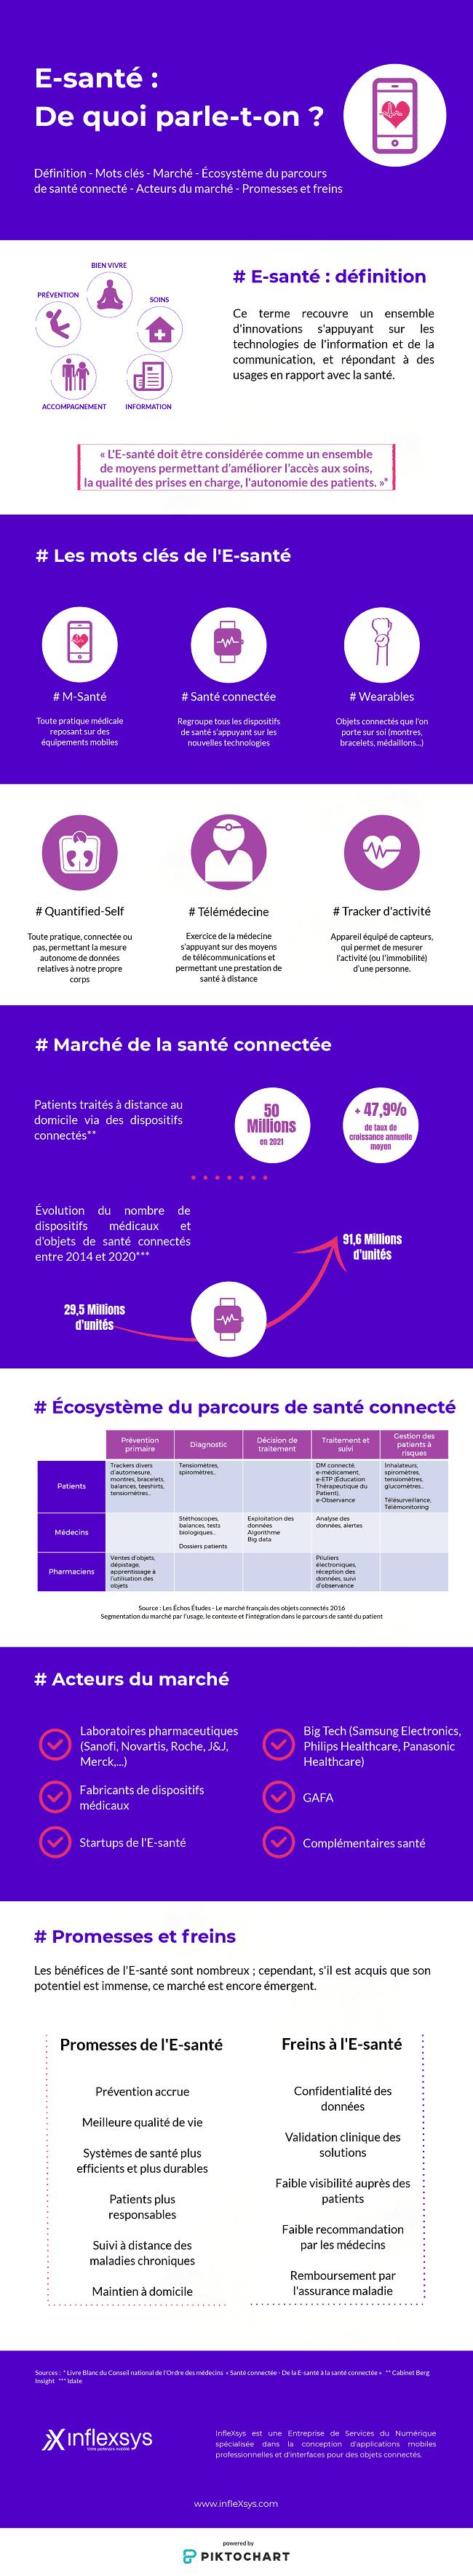 [Infographie] E-santé et santé connectée, de quoi parle-t-on ?